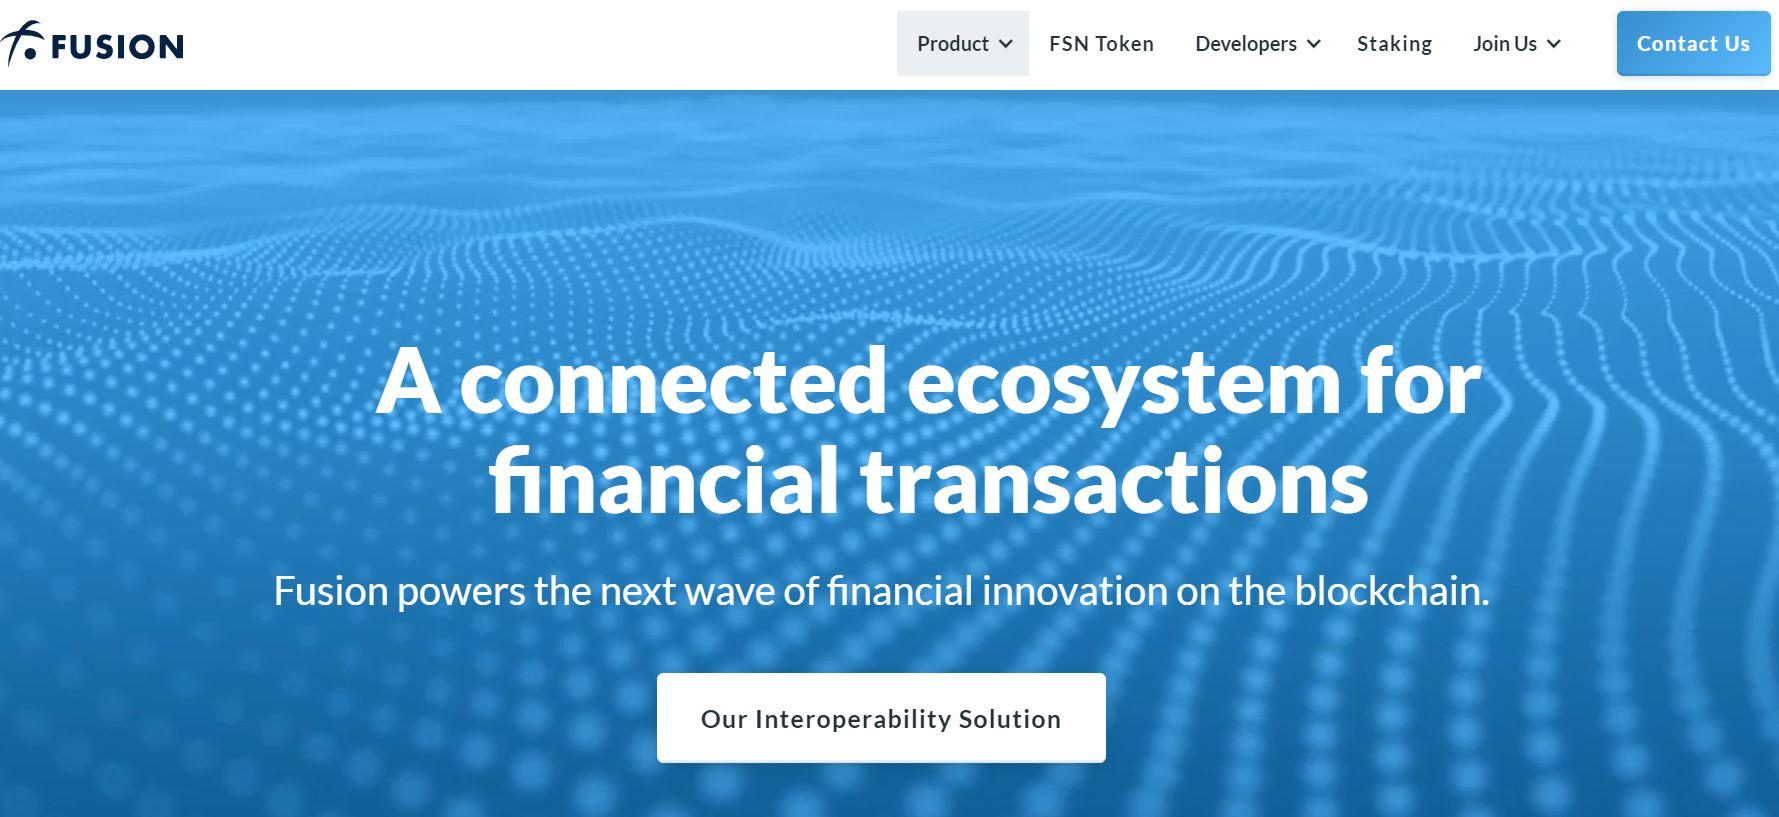 fusion торговая платформа официальный сайт